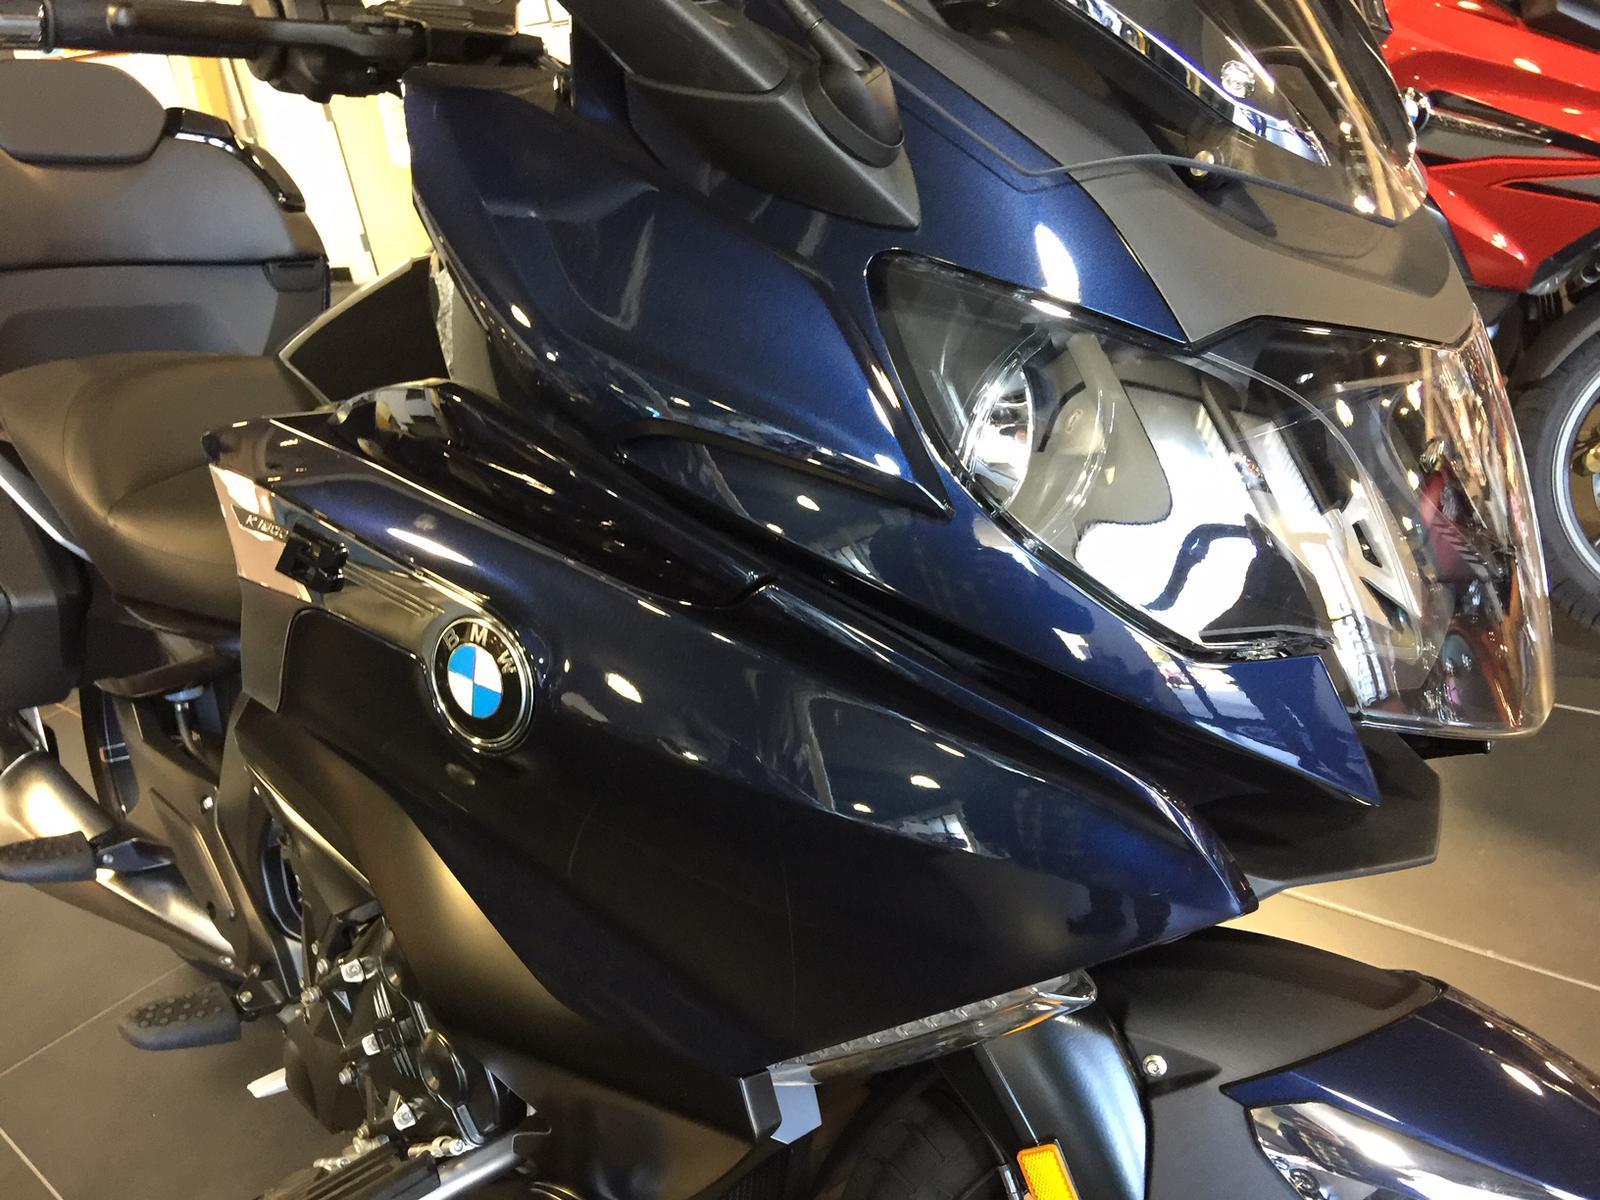 2019 BMW K1600B